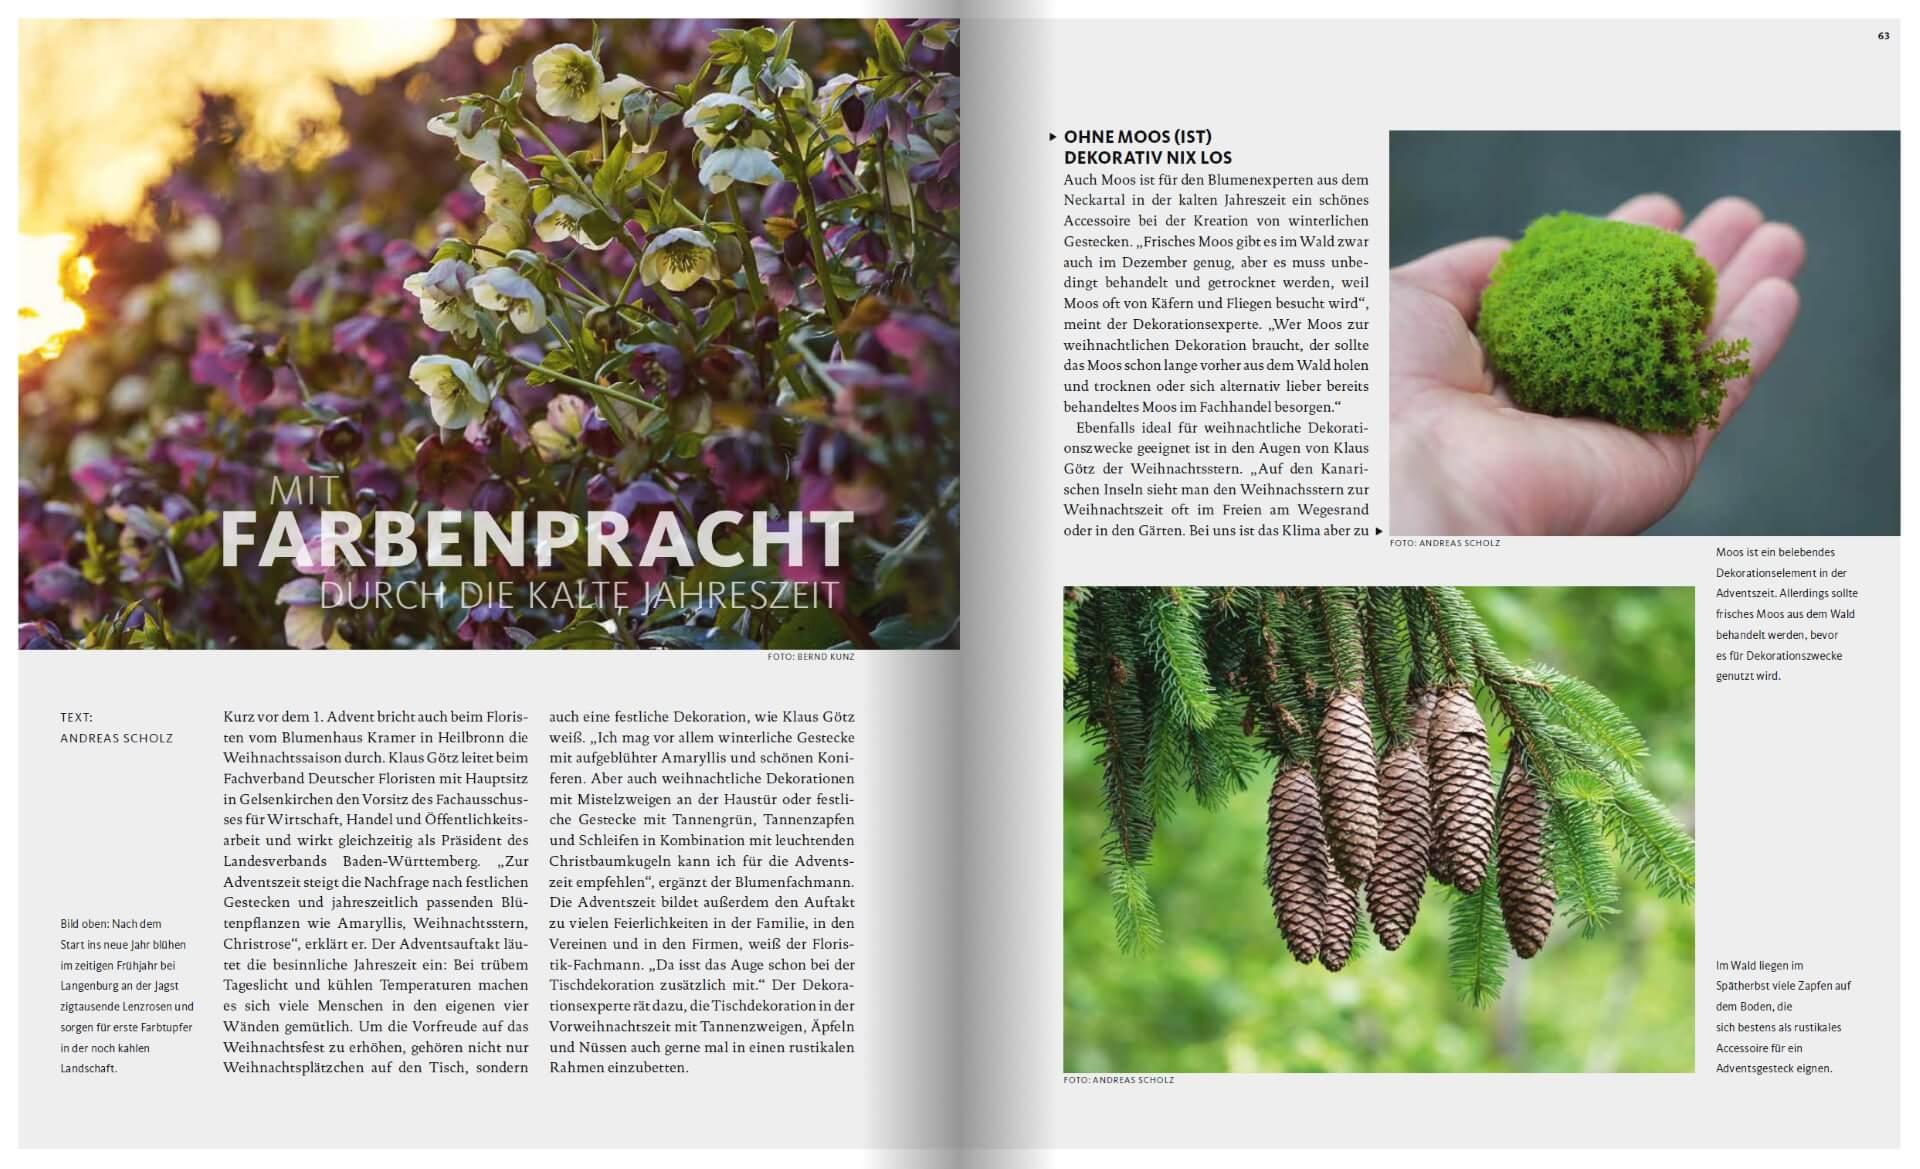 GARTENDESIGN INSPIRATION Ausgabe 6/2019: Gartenpflanzen und Farbenpracht im Winter